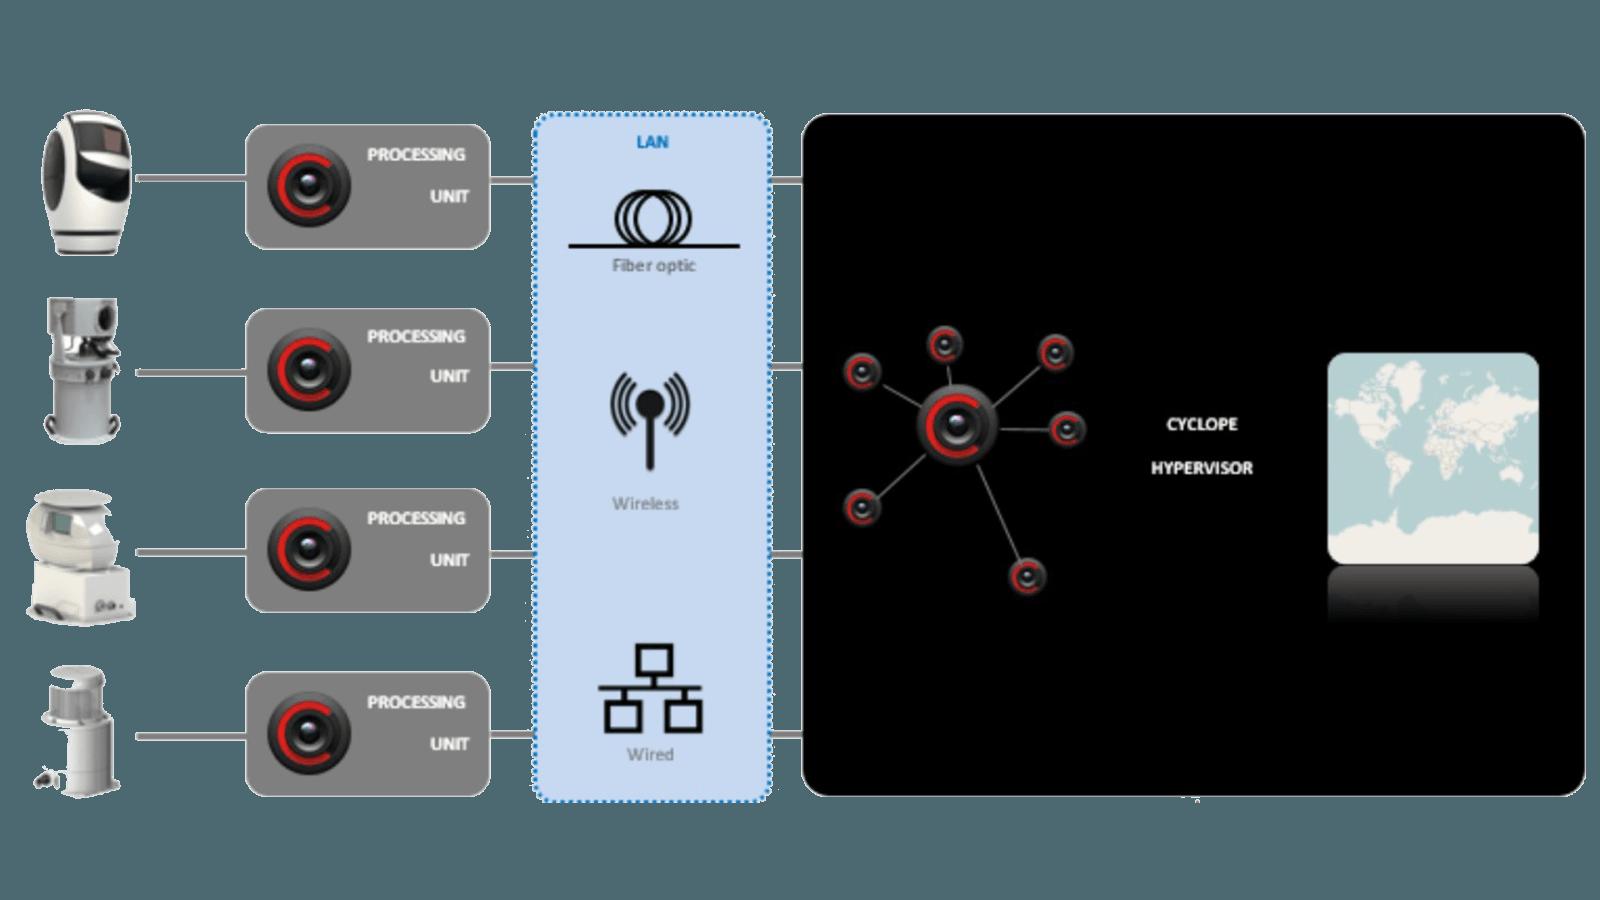 Инфракрасная система обнаружения вторжений - Cyclope Hypervisor